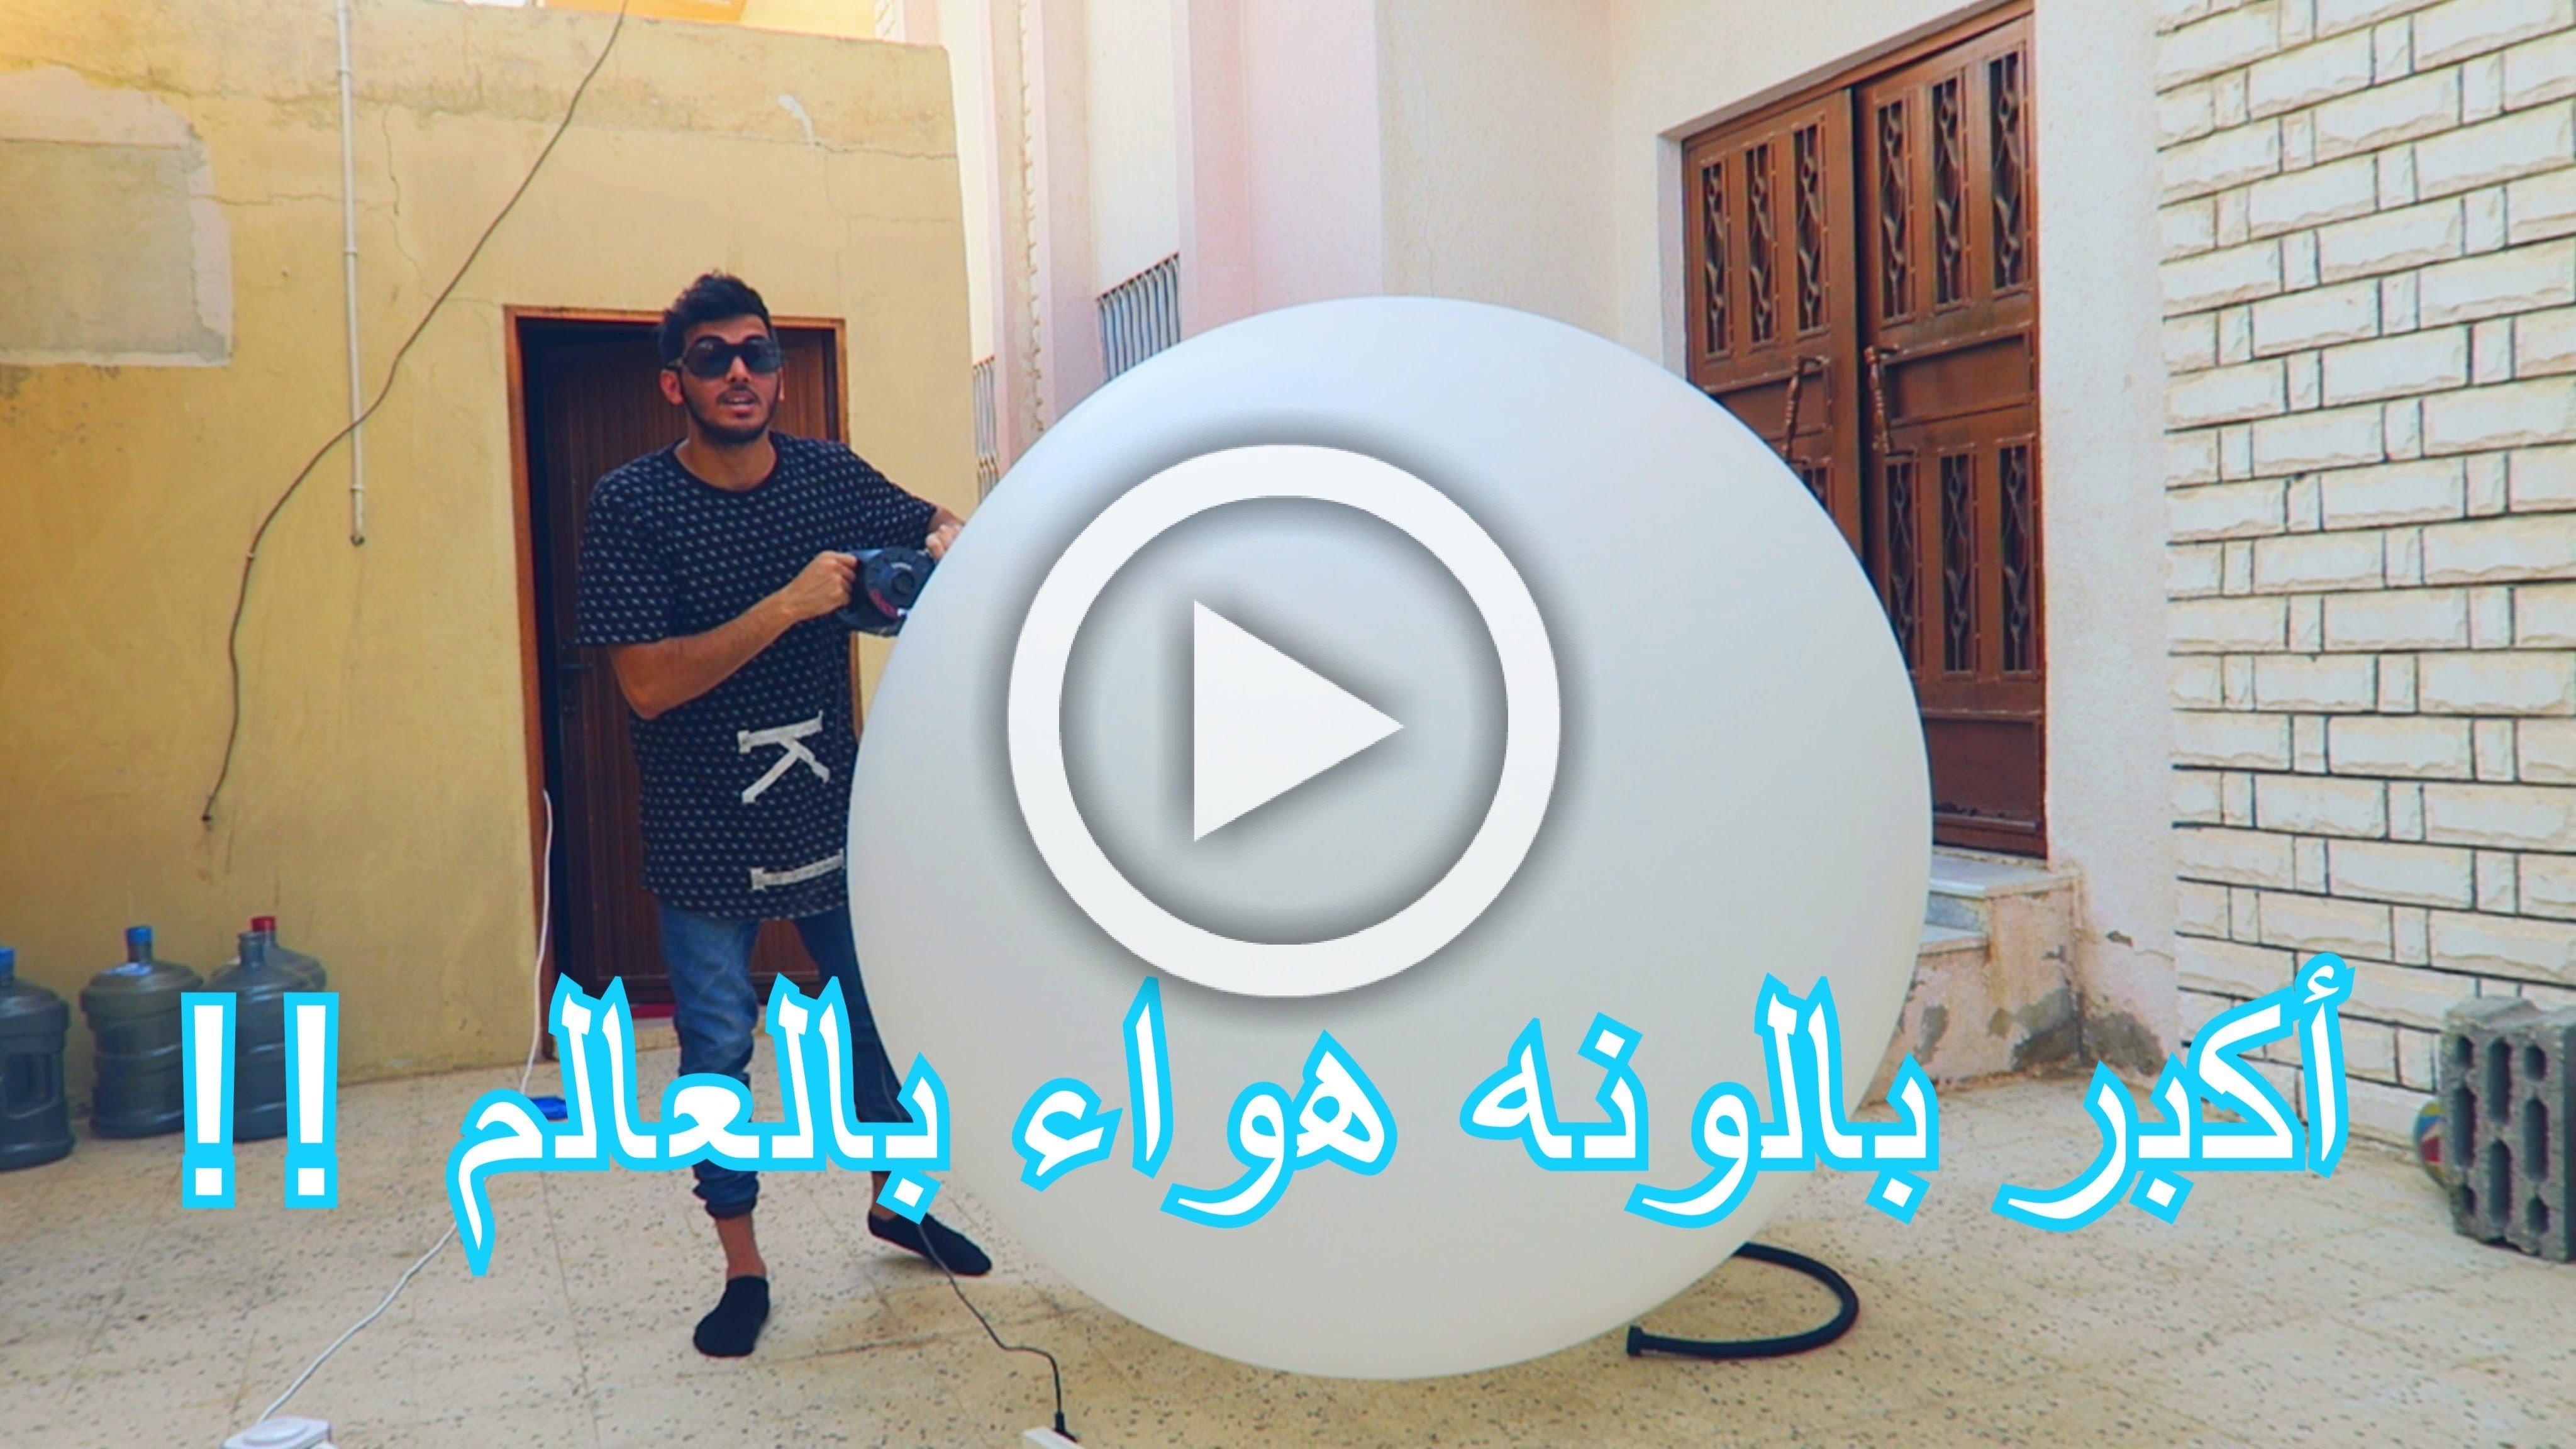 تجربة نفخ أكبر بالون هواء في العالم